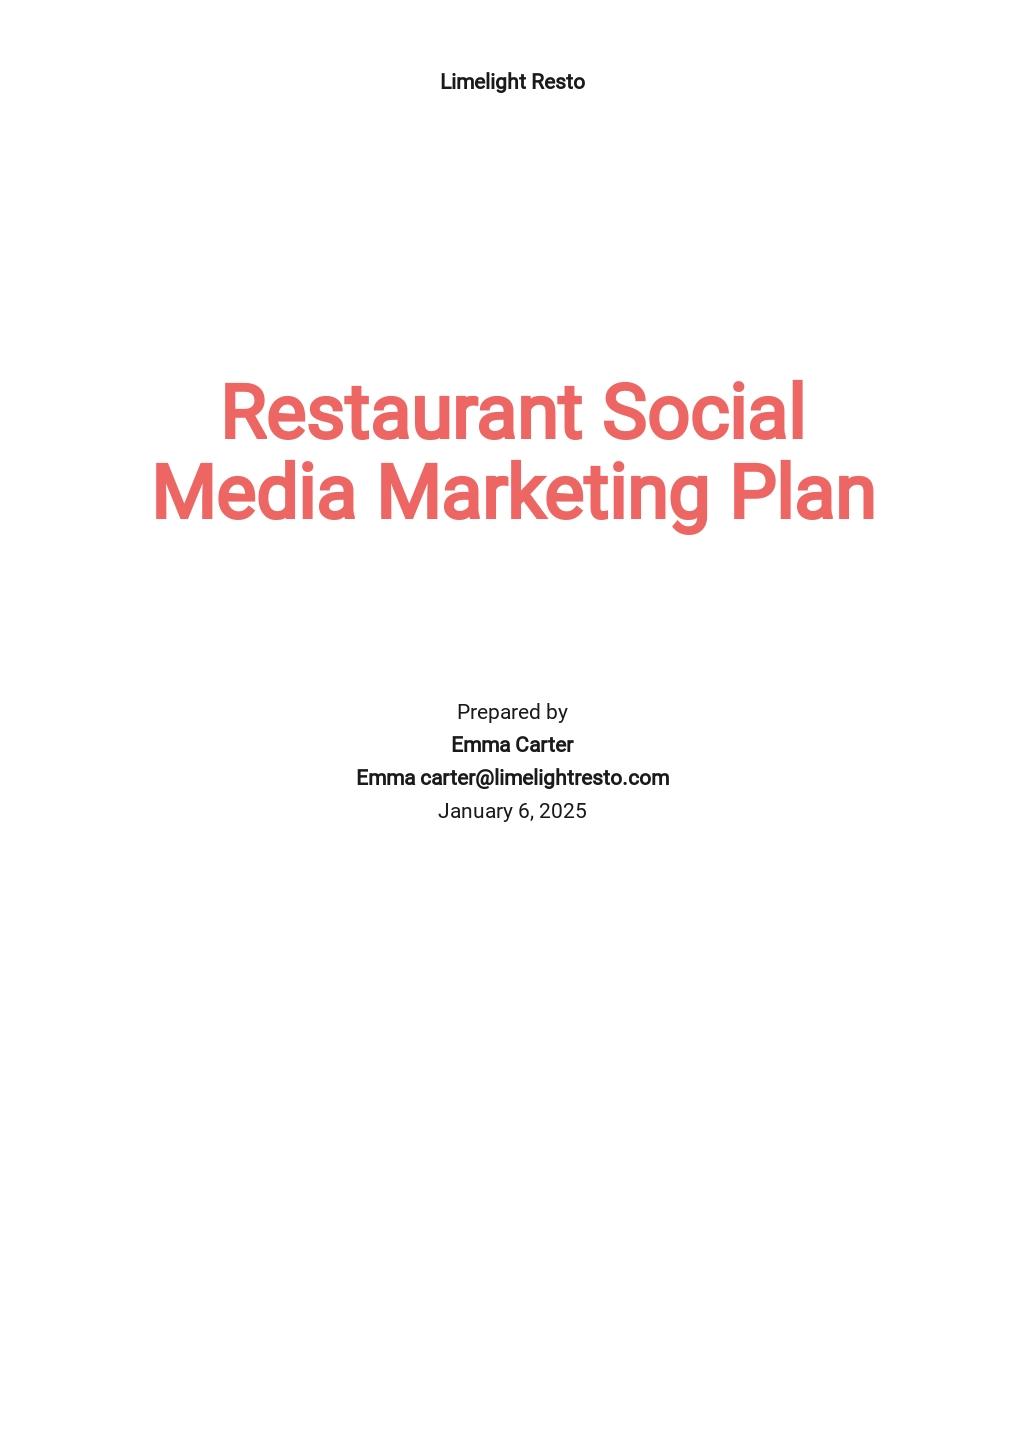 Restaurant Social Media Marketing Plan Template.jpe